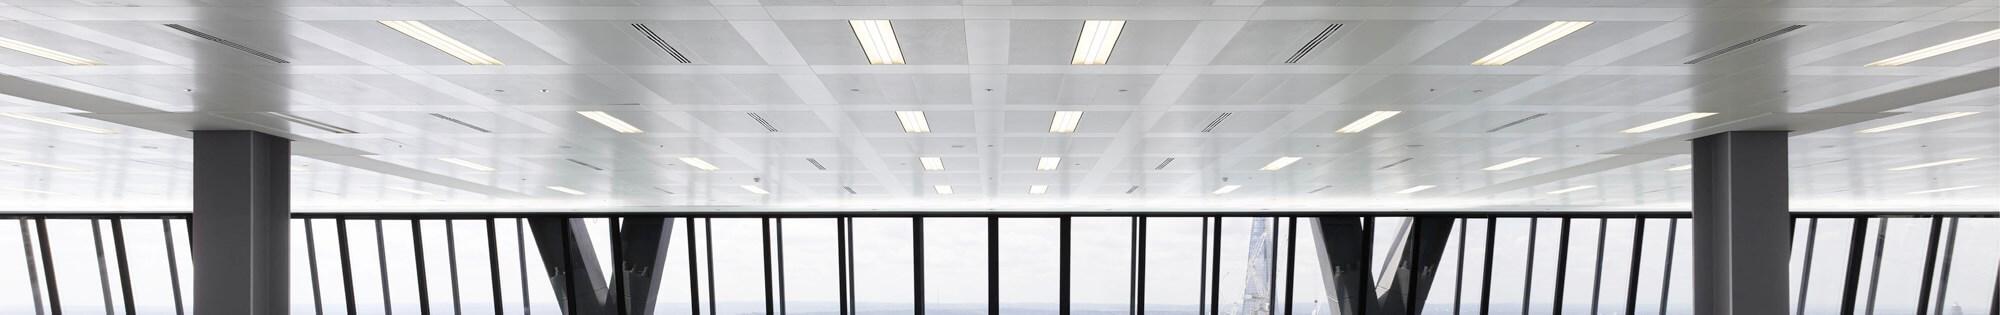 ceilings-330-03